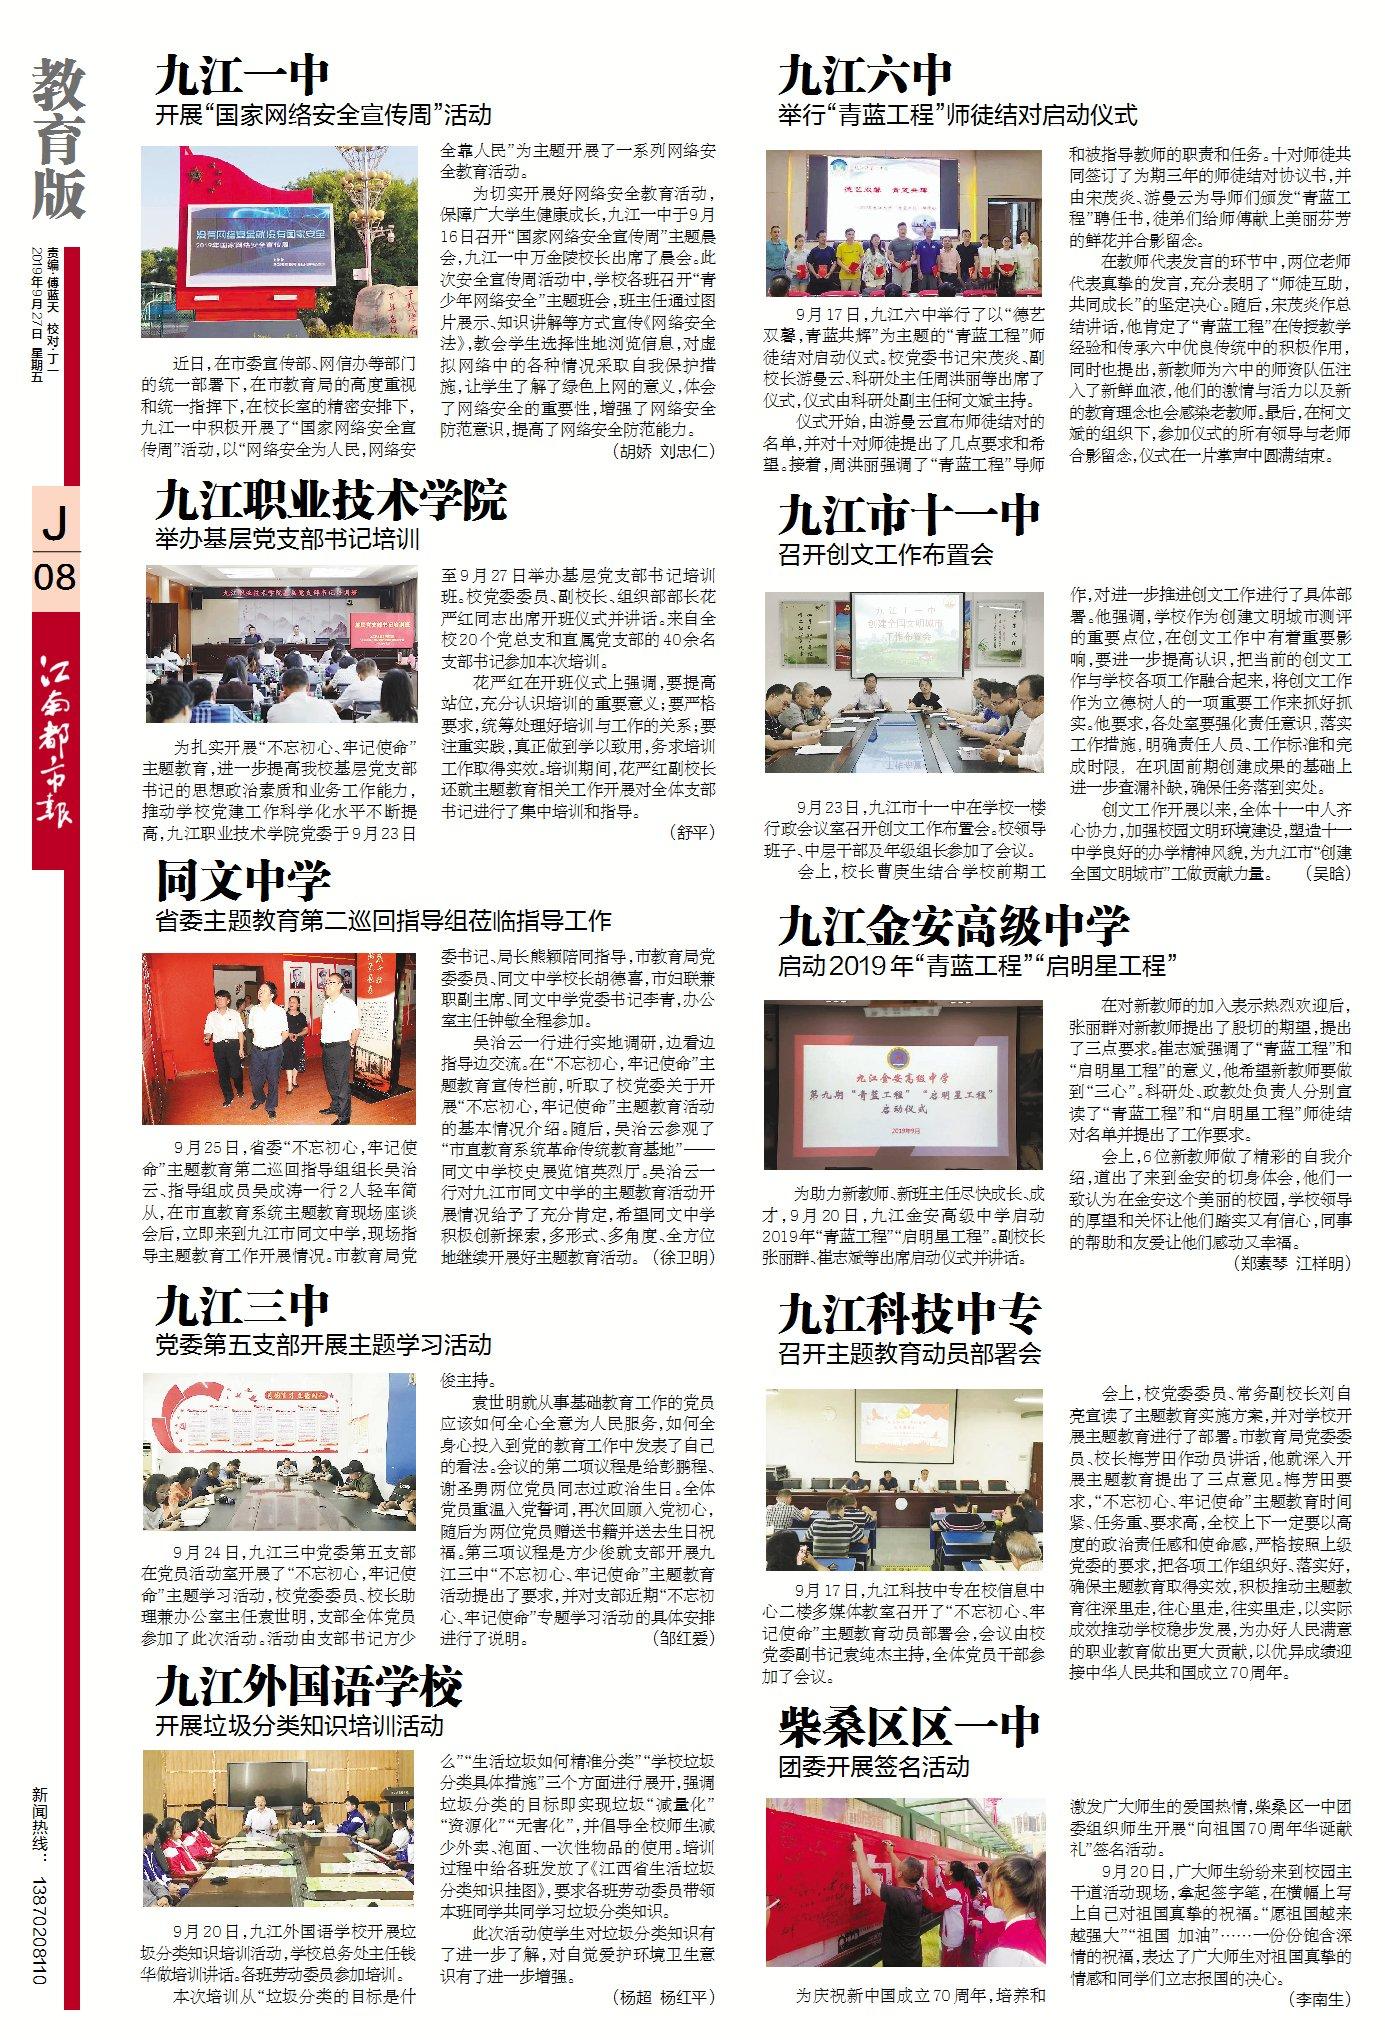 2019年9月27日江南都市报《亚博体育app苹果新闻》8版